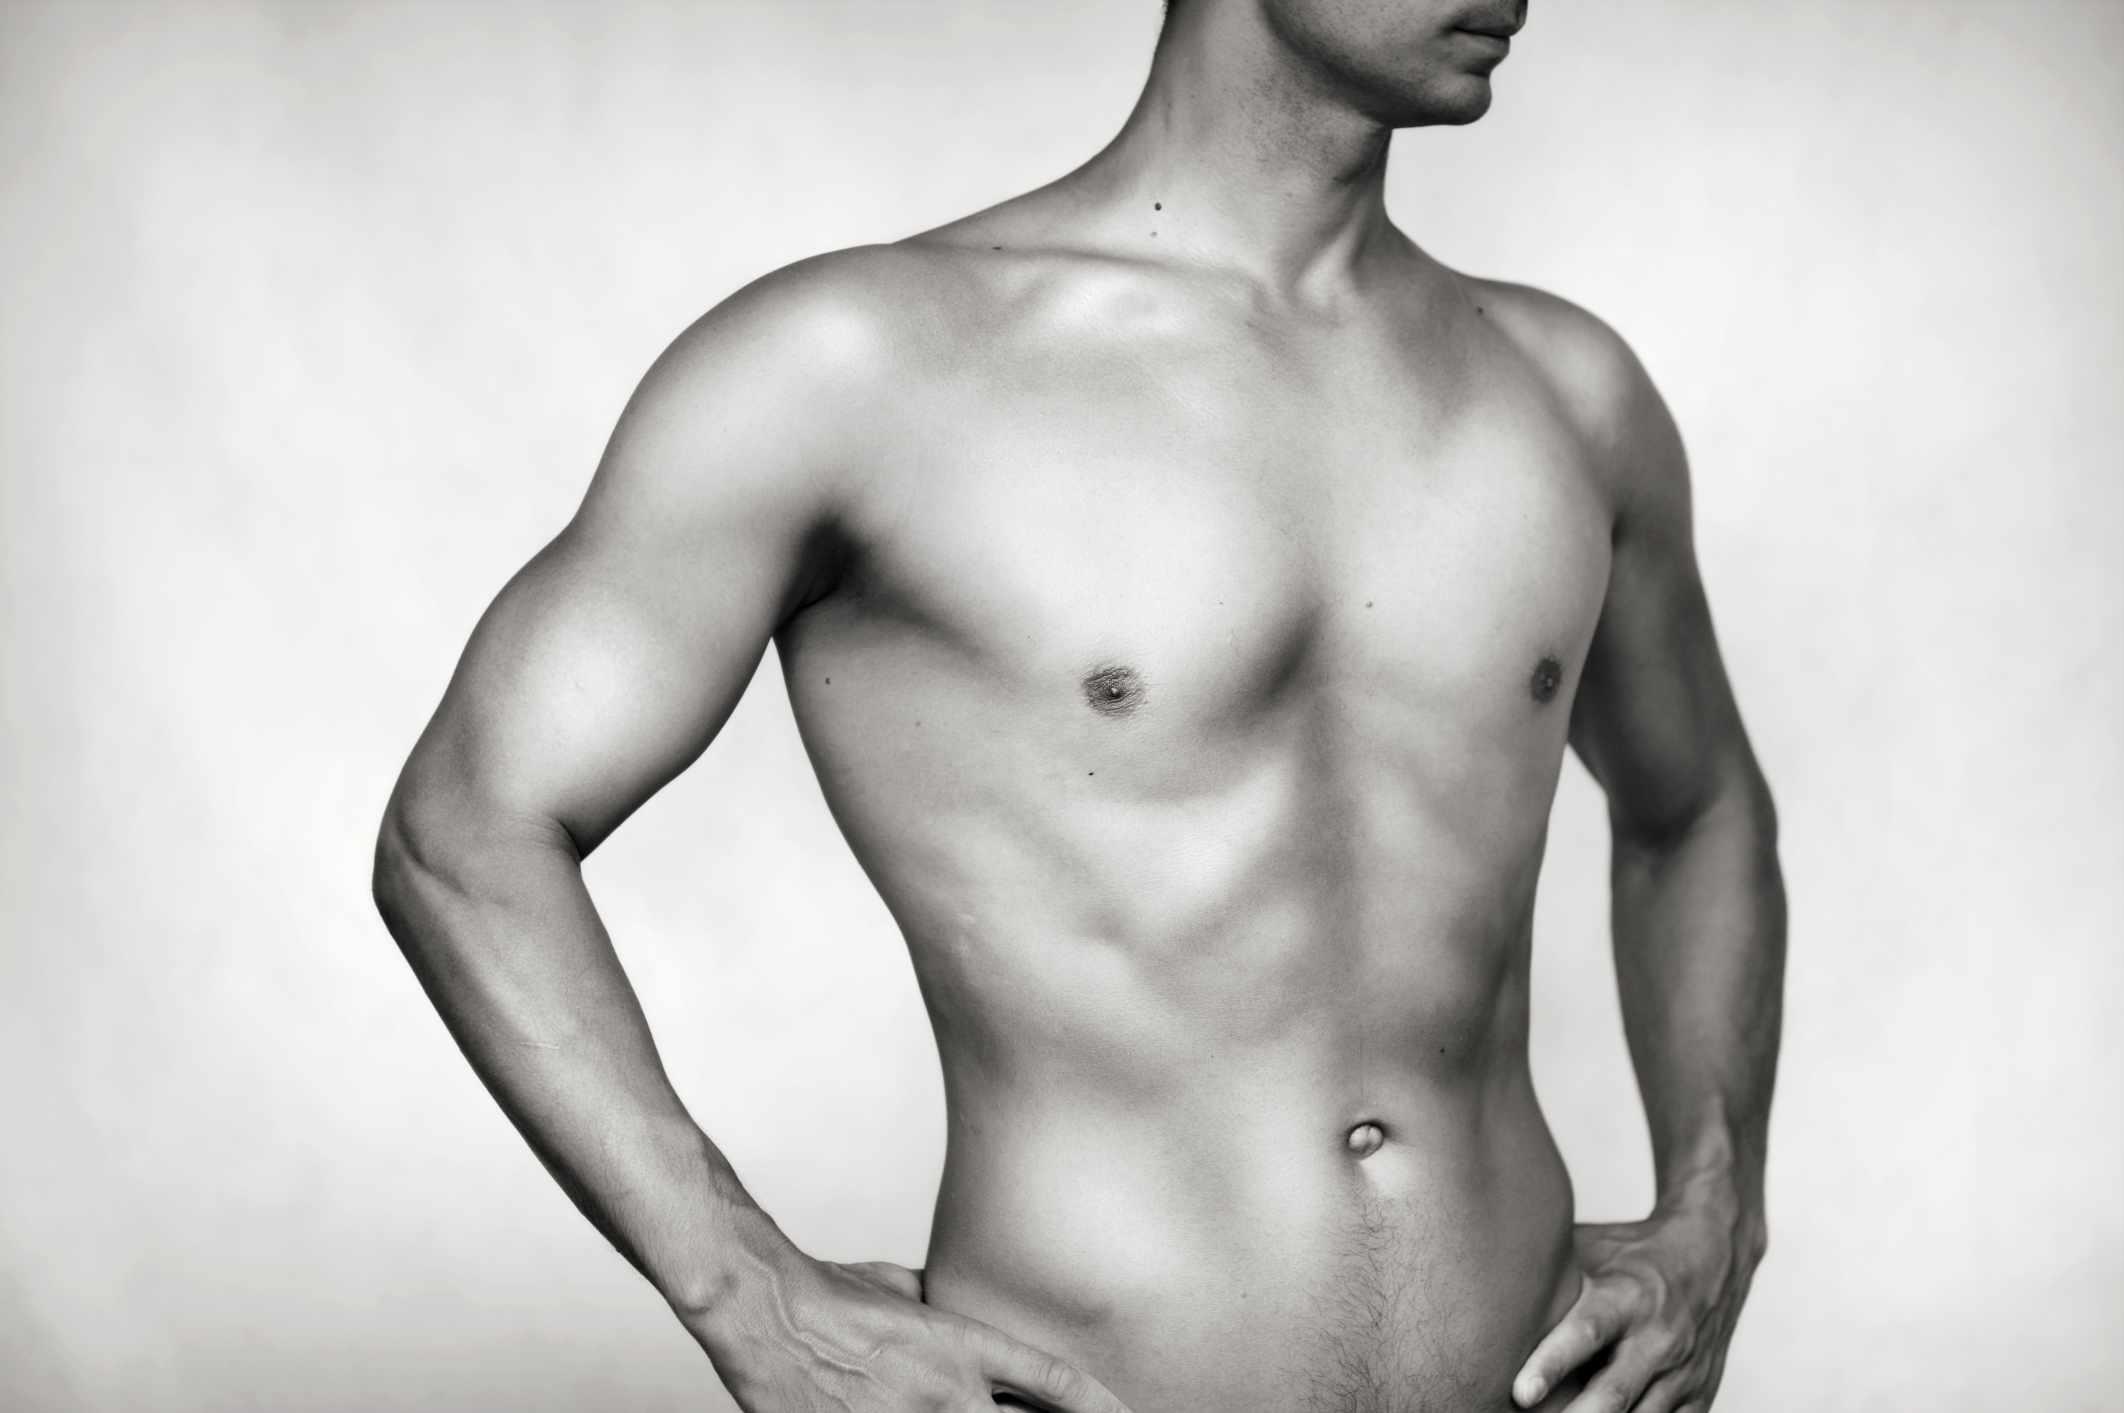 asian handsome nude men